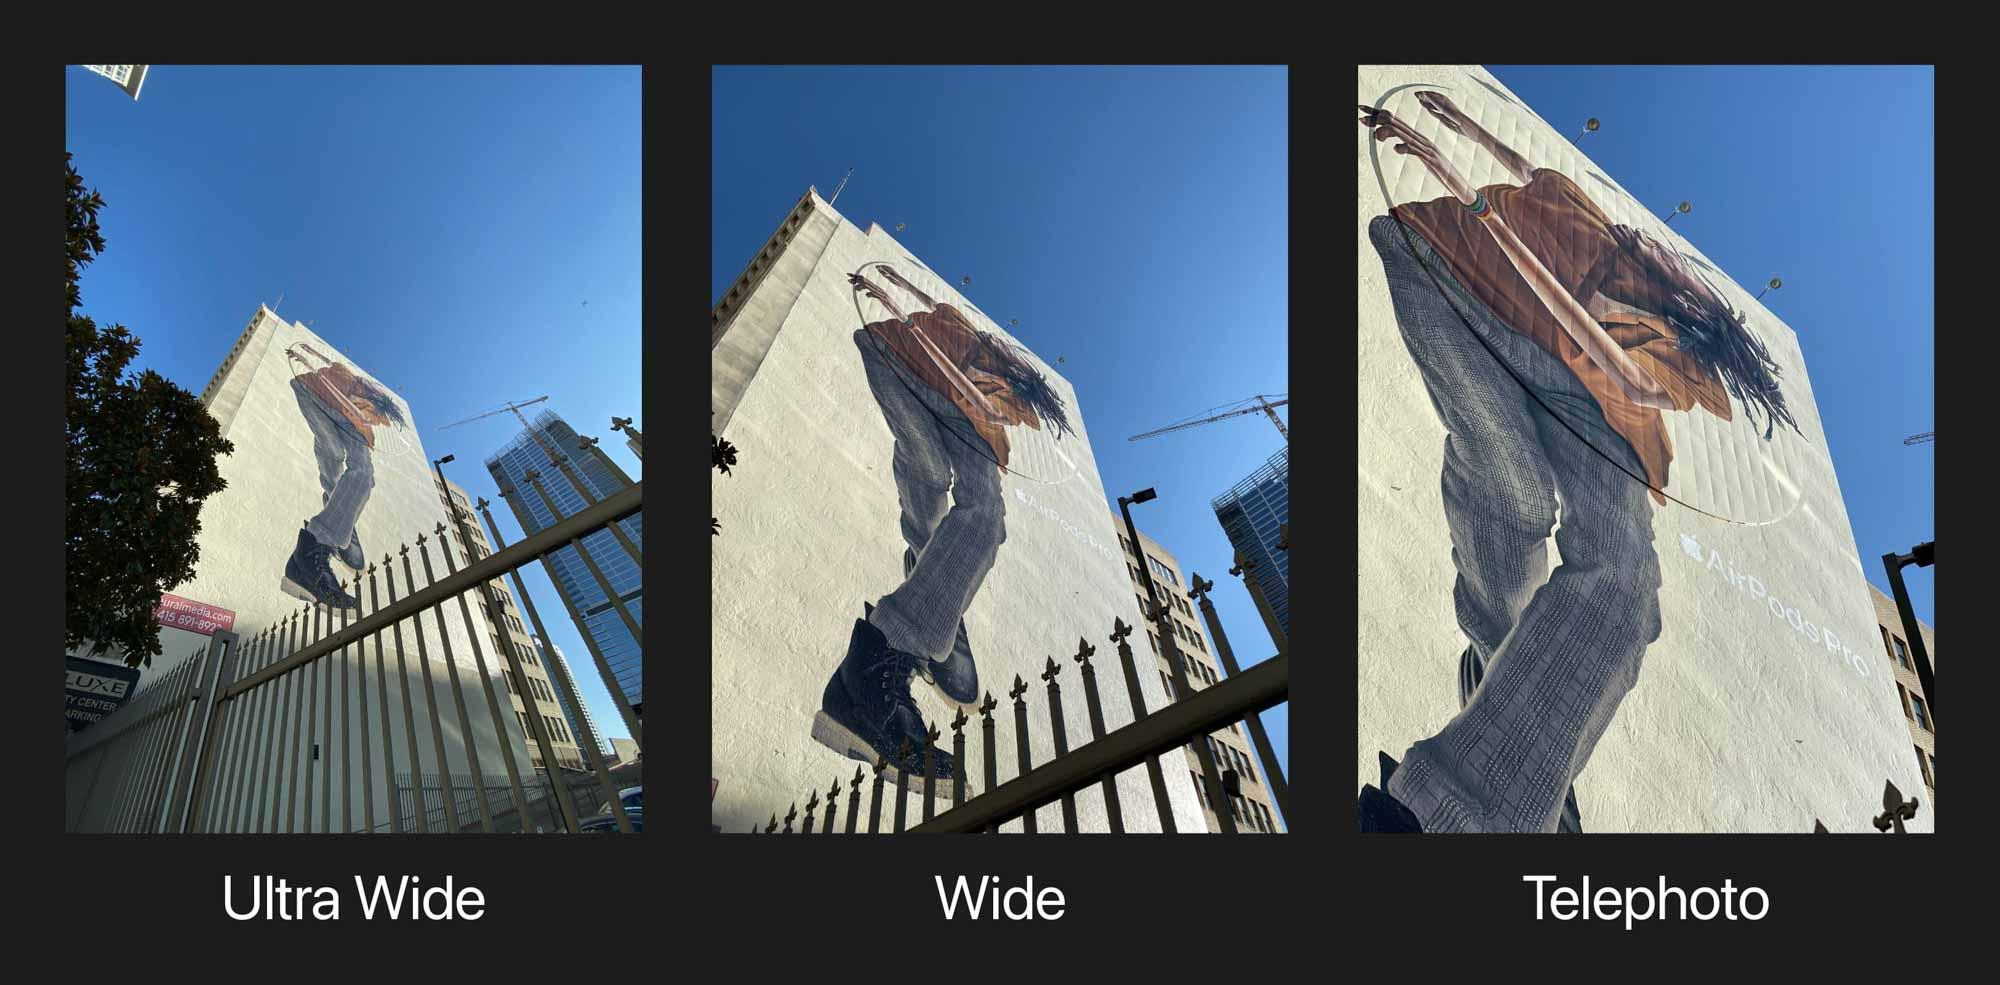 Сделайте фото-прогулку. Во время движения переключайтесь между широким и сверхшироким линзы, чтобы узнать, как разные точки зрения рассказывают разные истории.